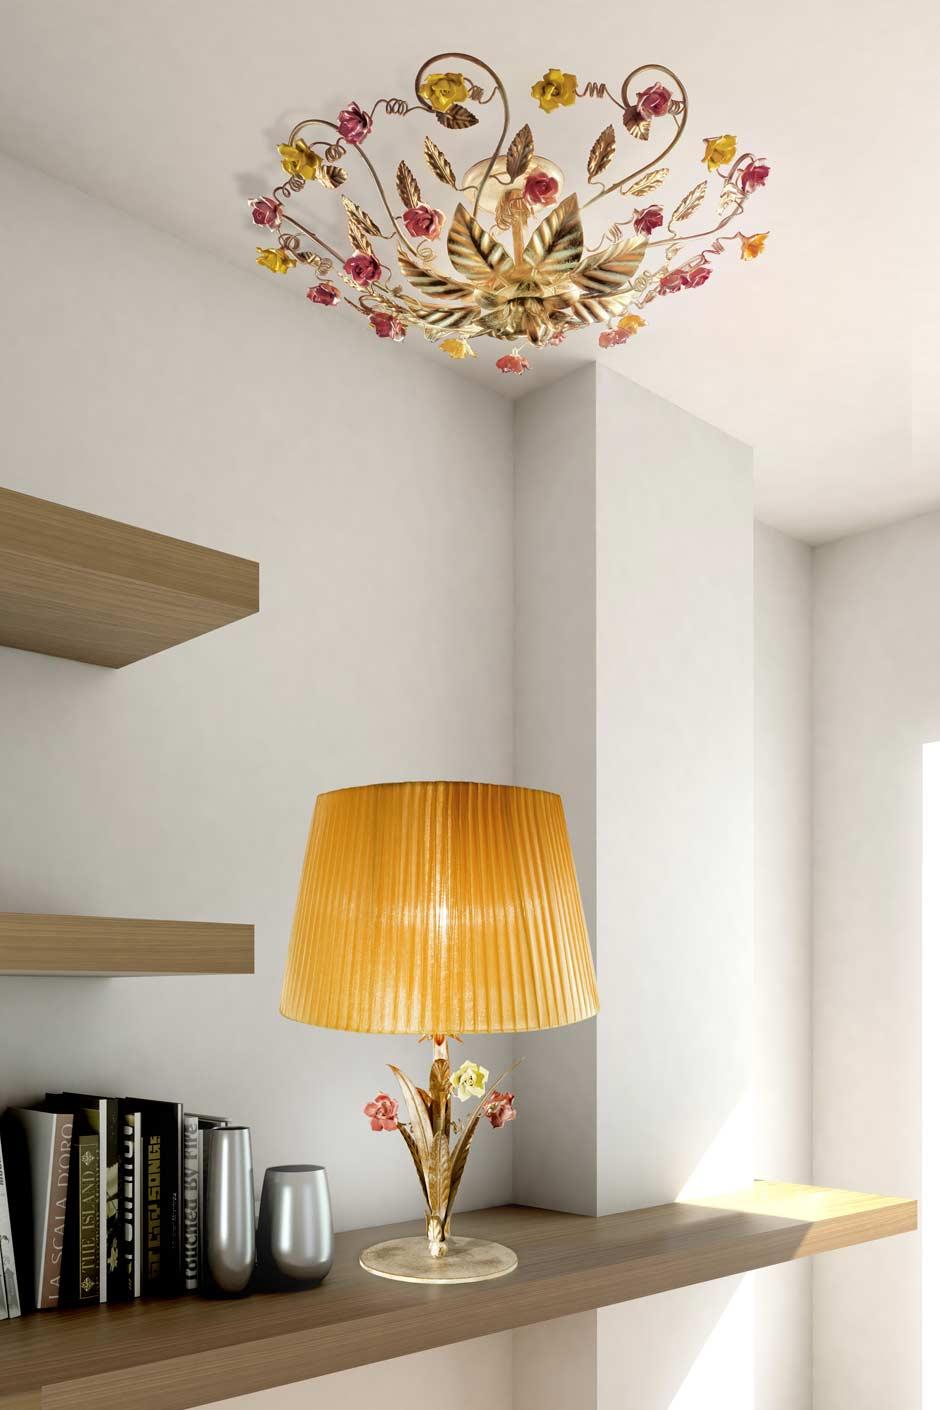 luminaire en cuivre zeeshop luminaire led design w ampoule suspendue luminaire suspendu avec. Black Bedroom Furniture Sets. Home Design Ideas